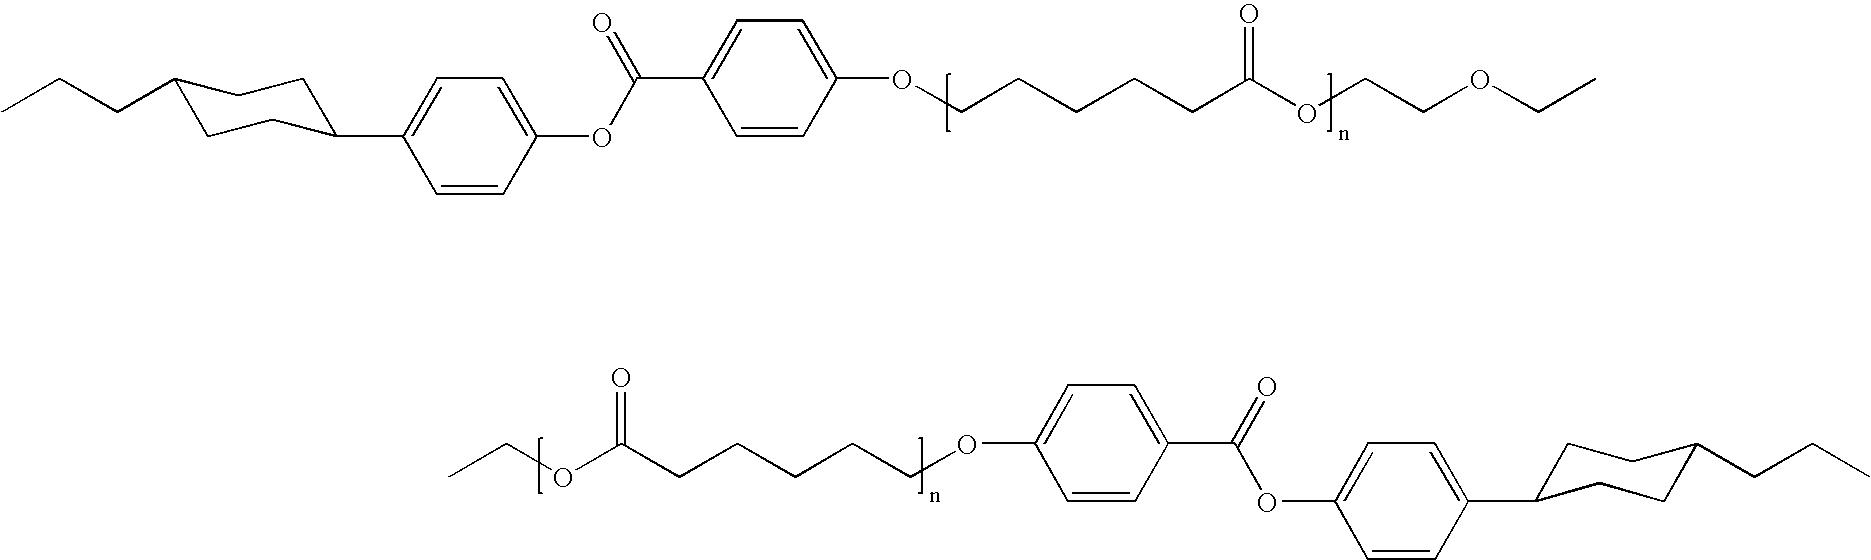 Figure US20100014010A1-20100121-C00029